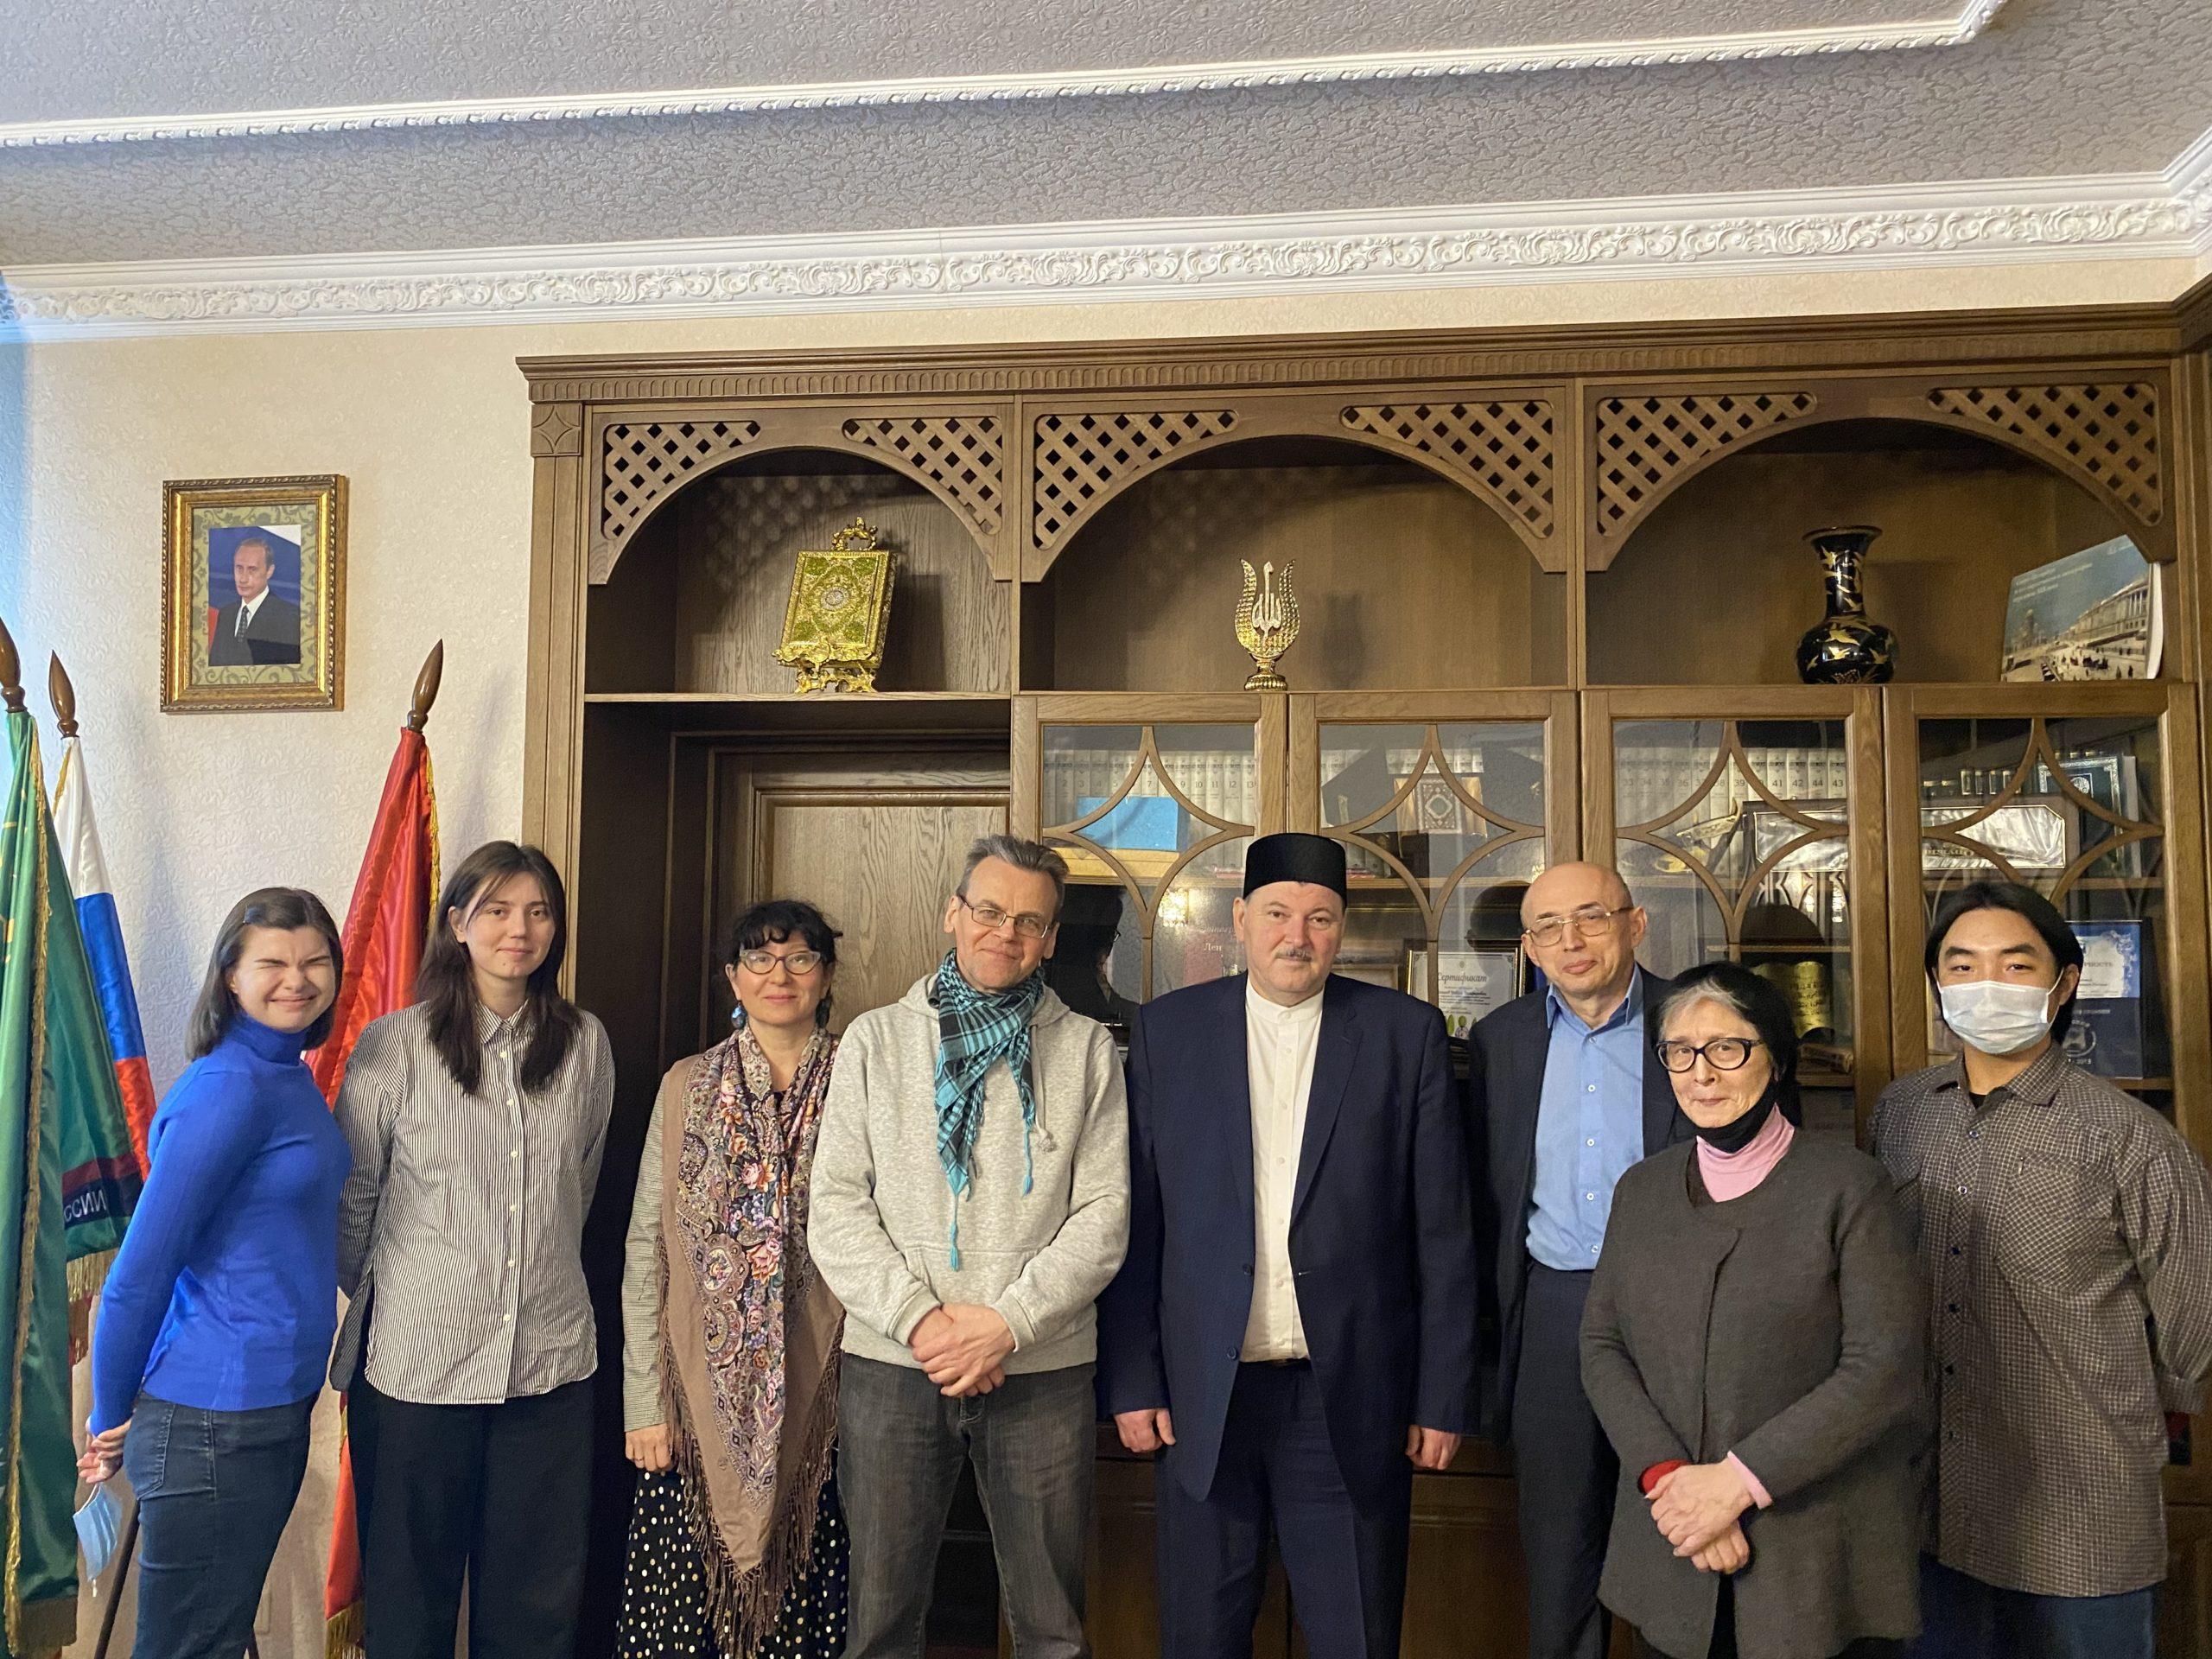 Санкт-Петербургскую Соборную мечеть посетили студенты и профессора ЛГУ им. А. С. Пушкина